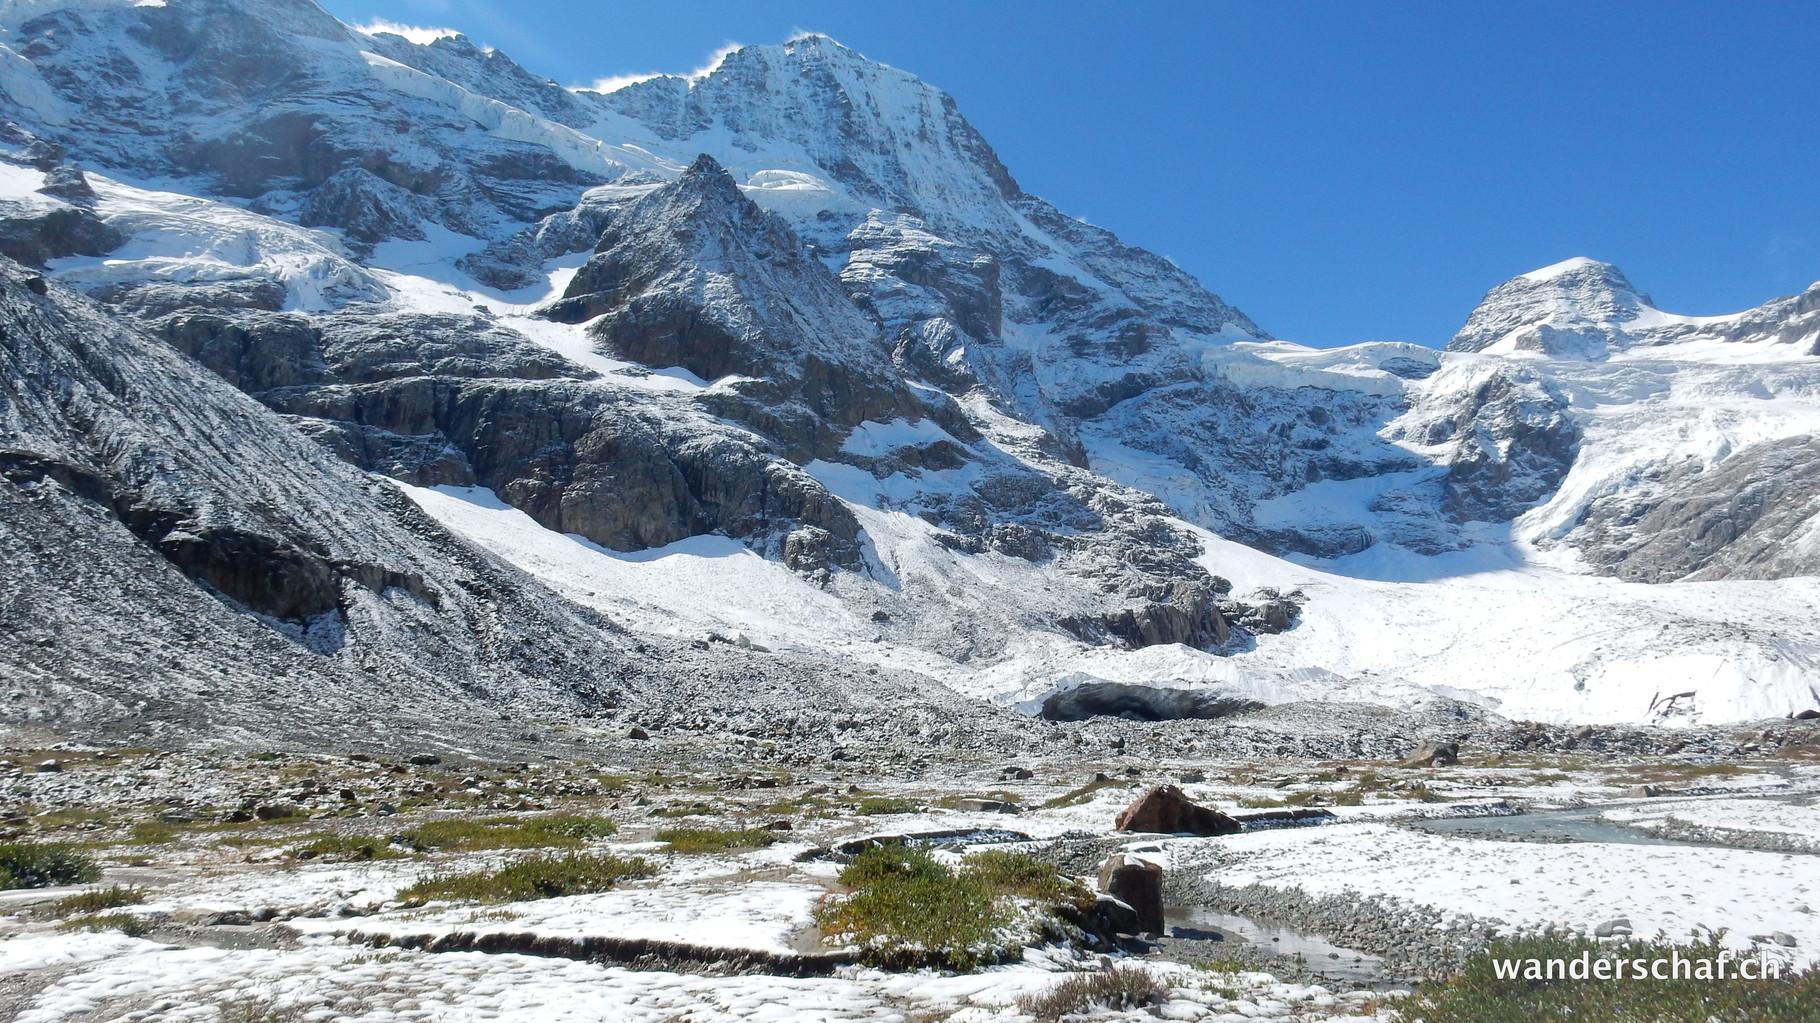 spontaner Abstecher zum Gletschertor vom Breithorn- und Schmadrigletscher